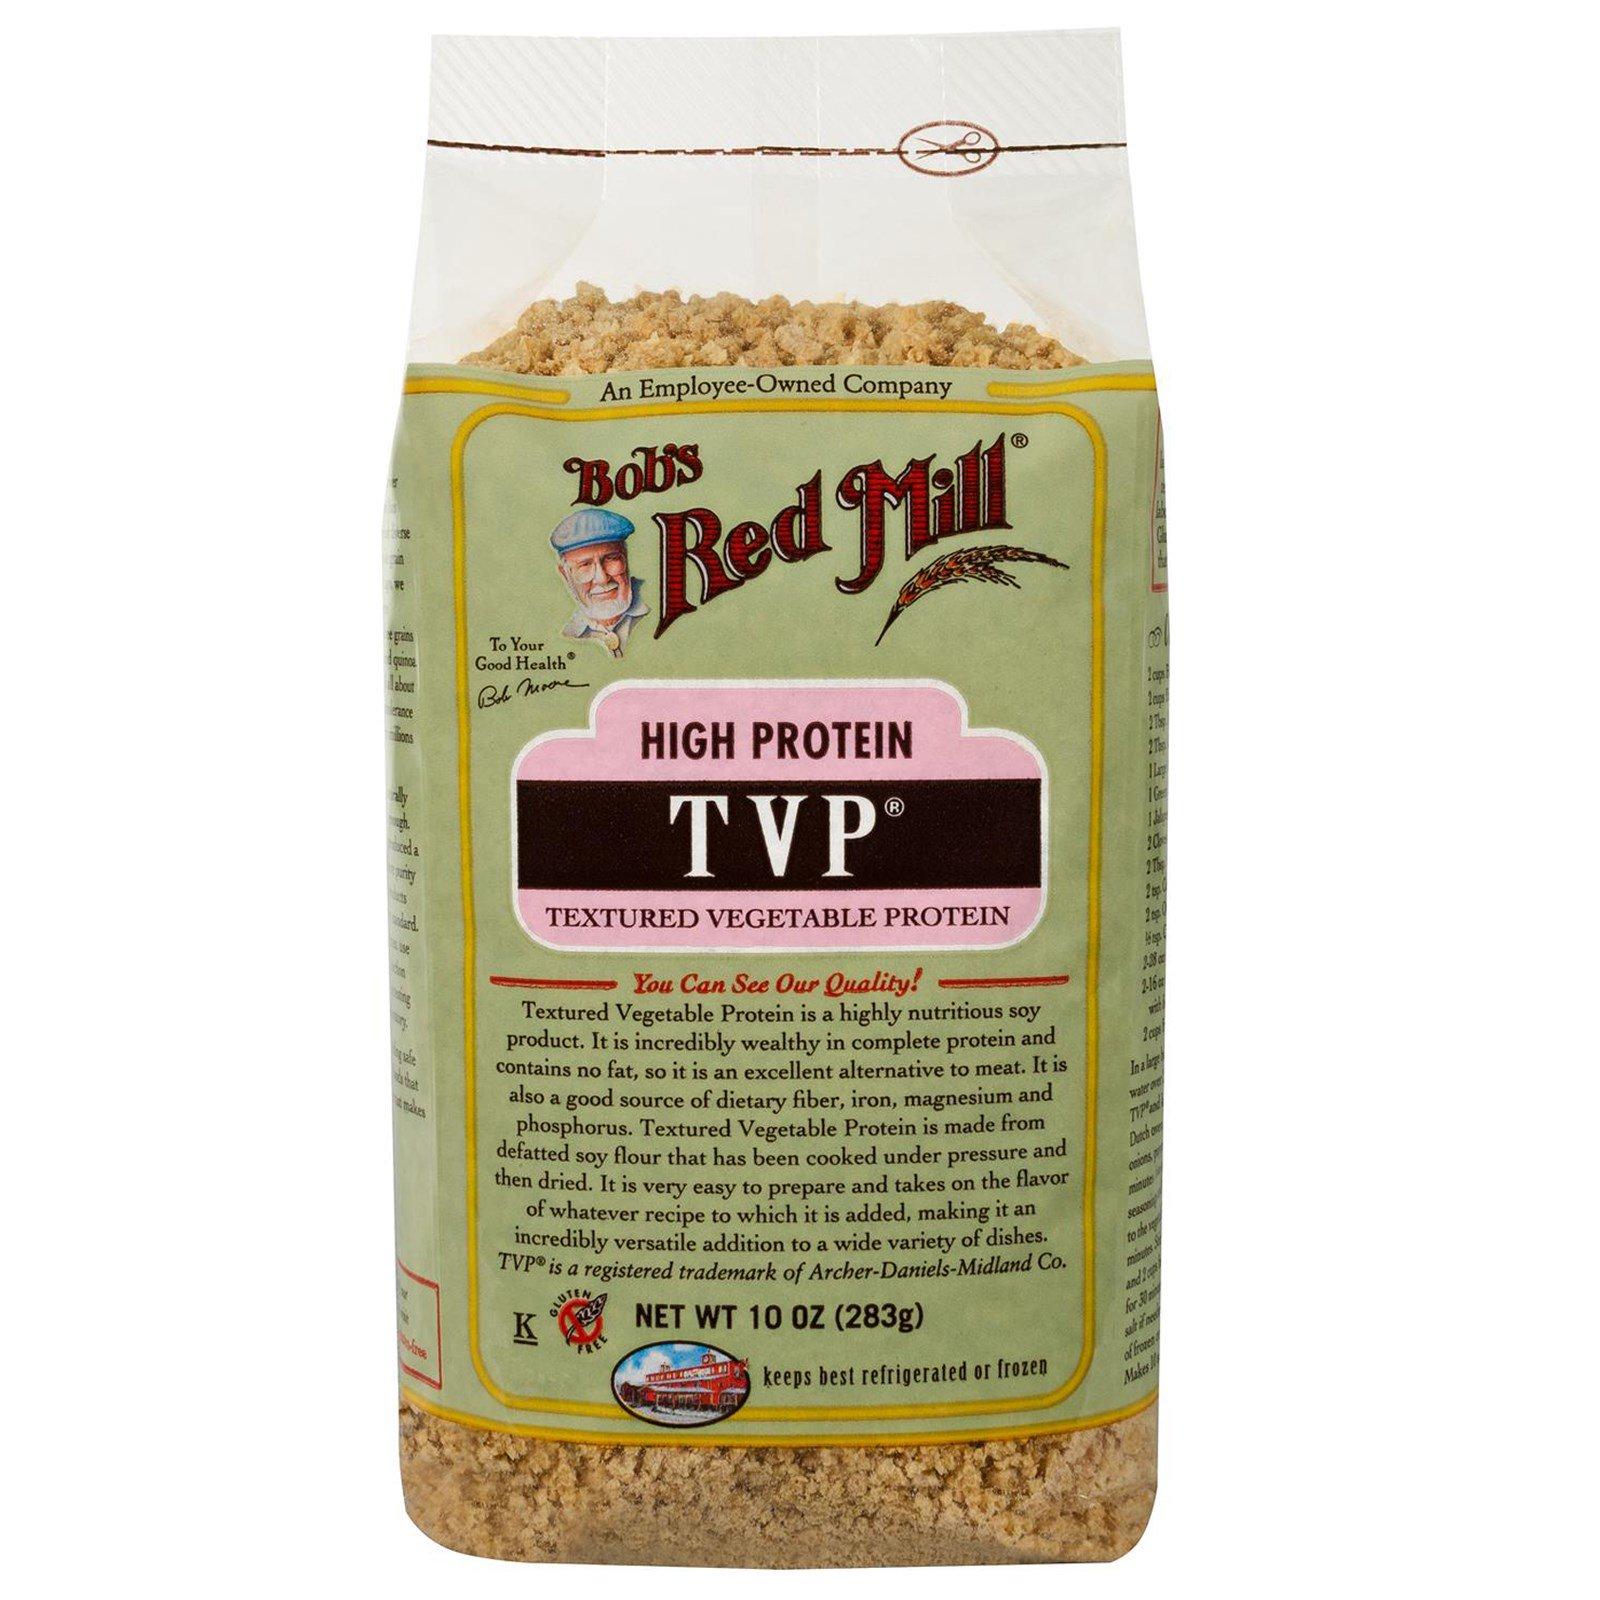 Bob's Red Mill, TVP, текстурированный растительный белок, 10 унций (283 г)